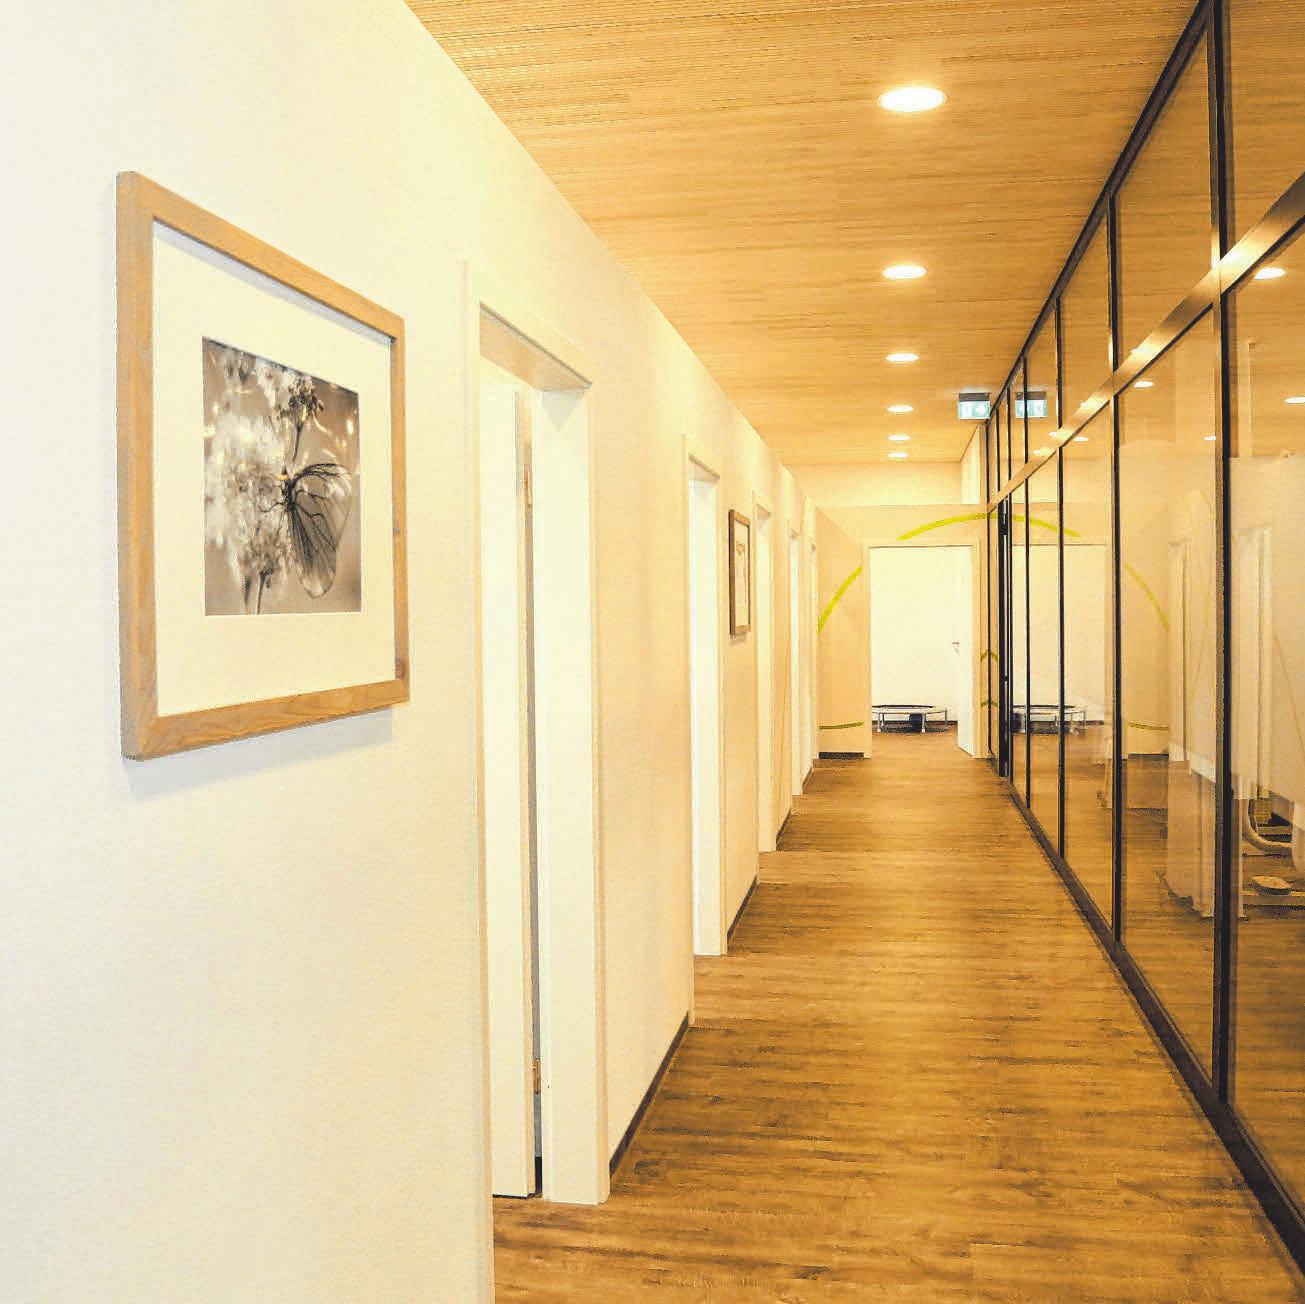 Der Neubau ist bezogen und eröffnet Image 1